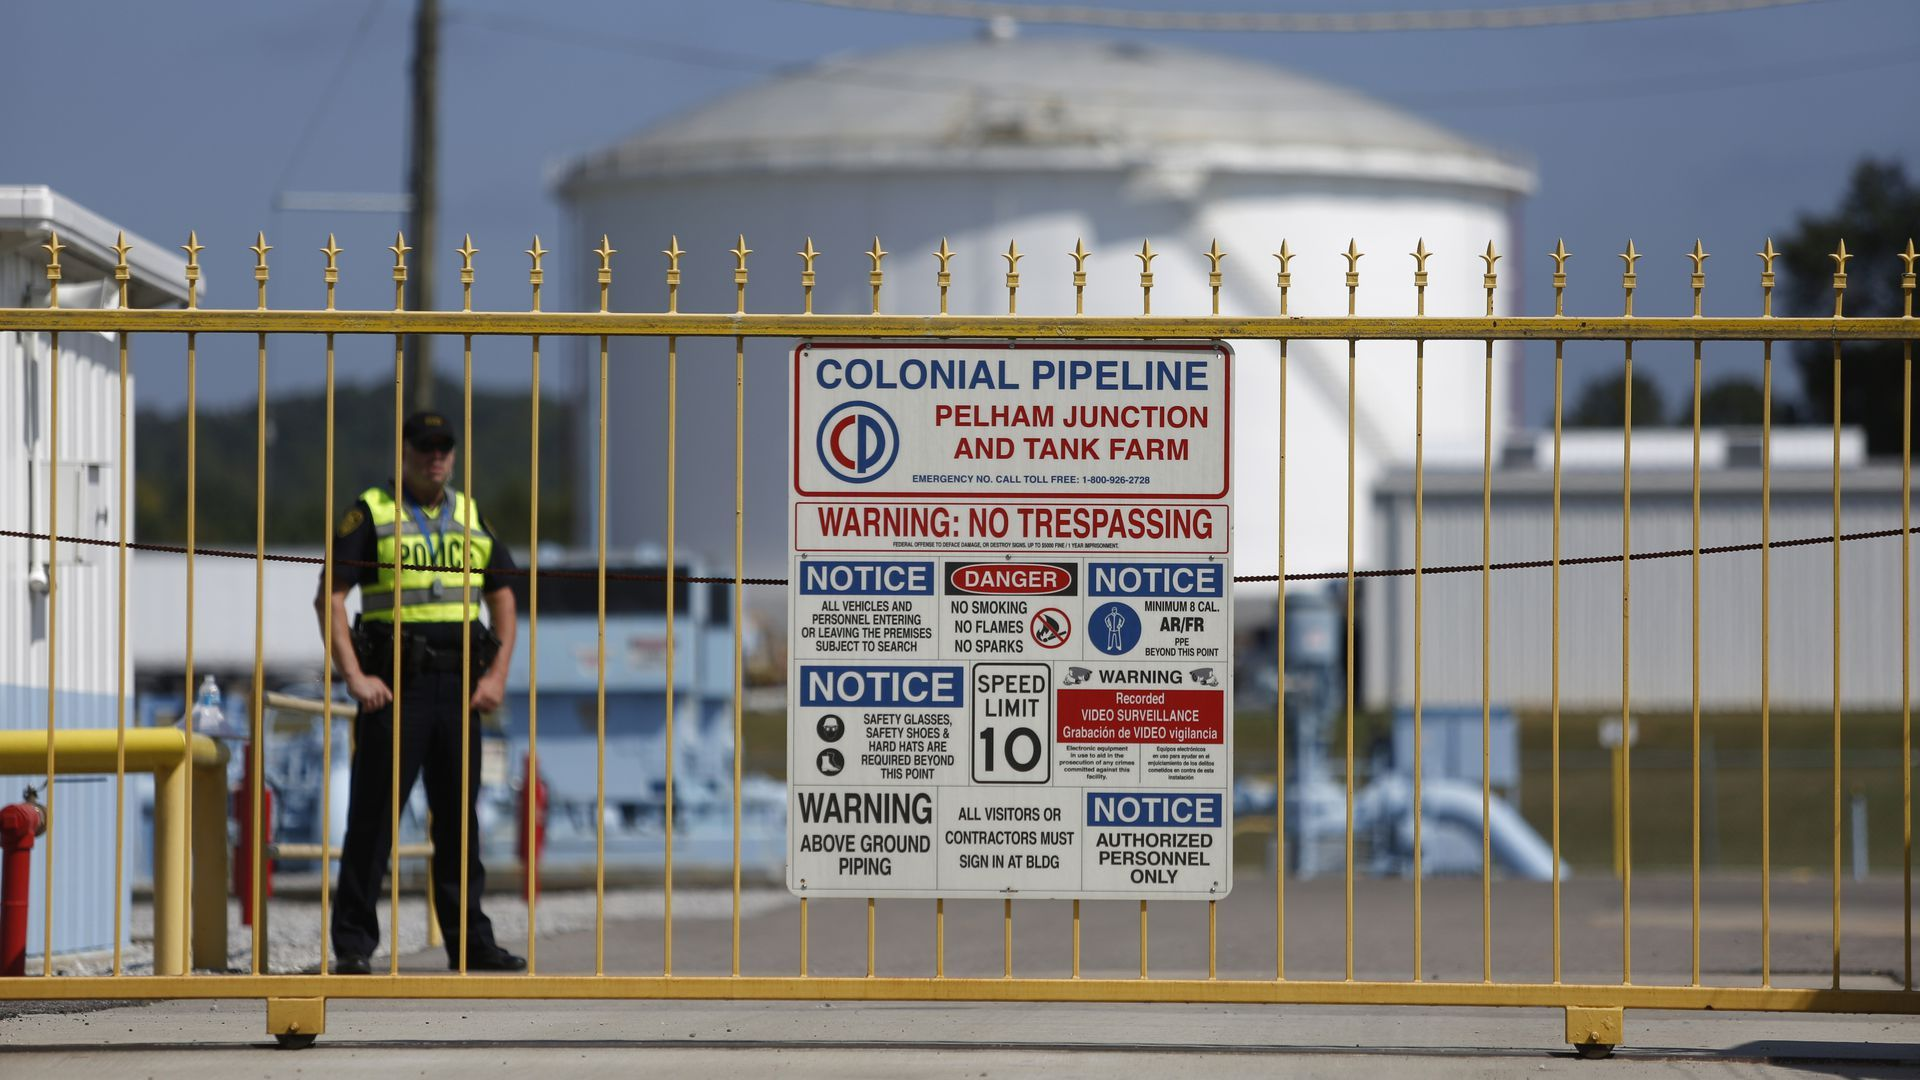 У США через кібератаку постраждав один із найбільших паливних трубопроводів